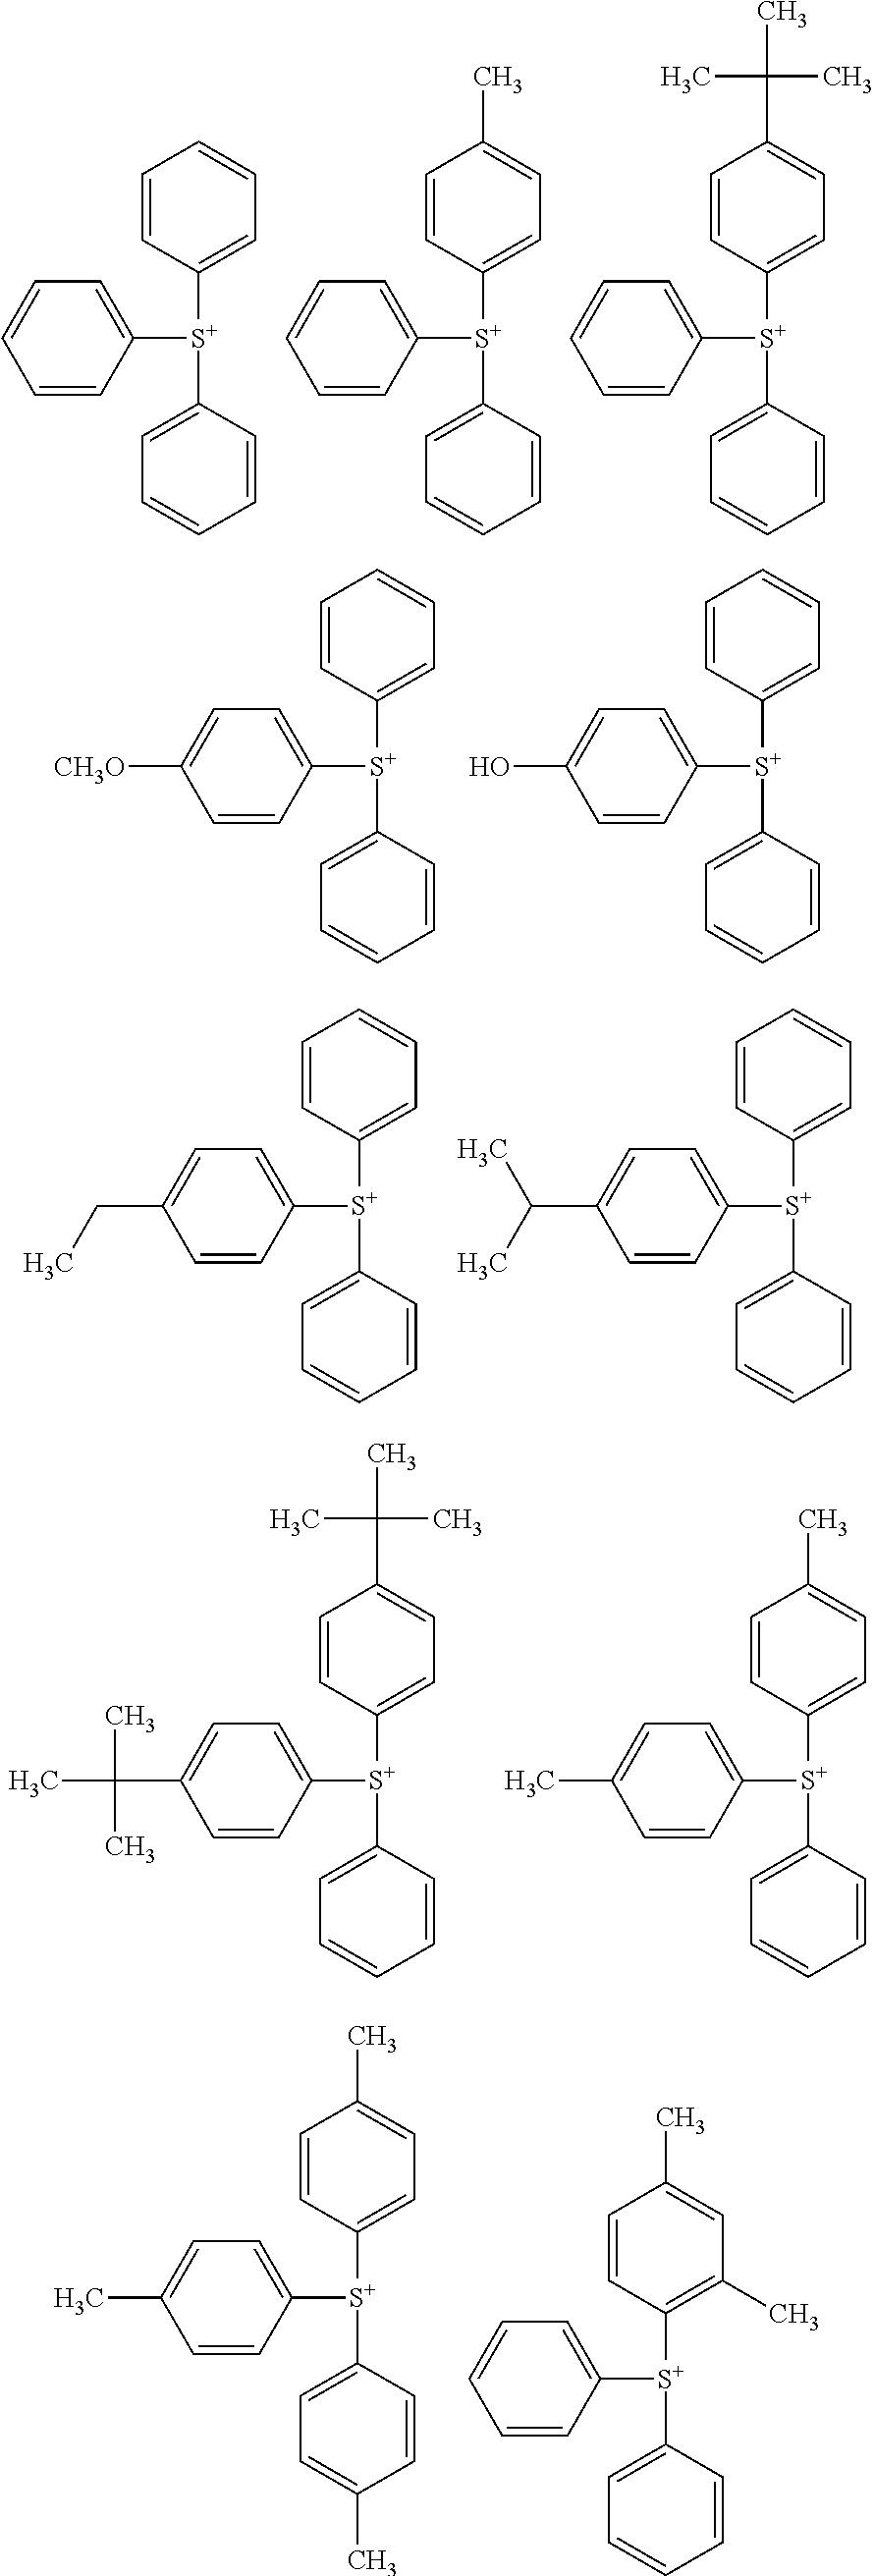 Figure US20100323296A1-20101223-C00132